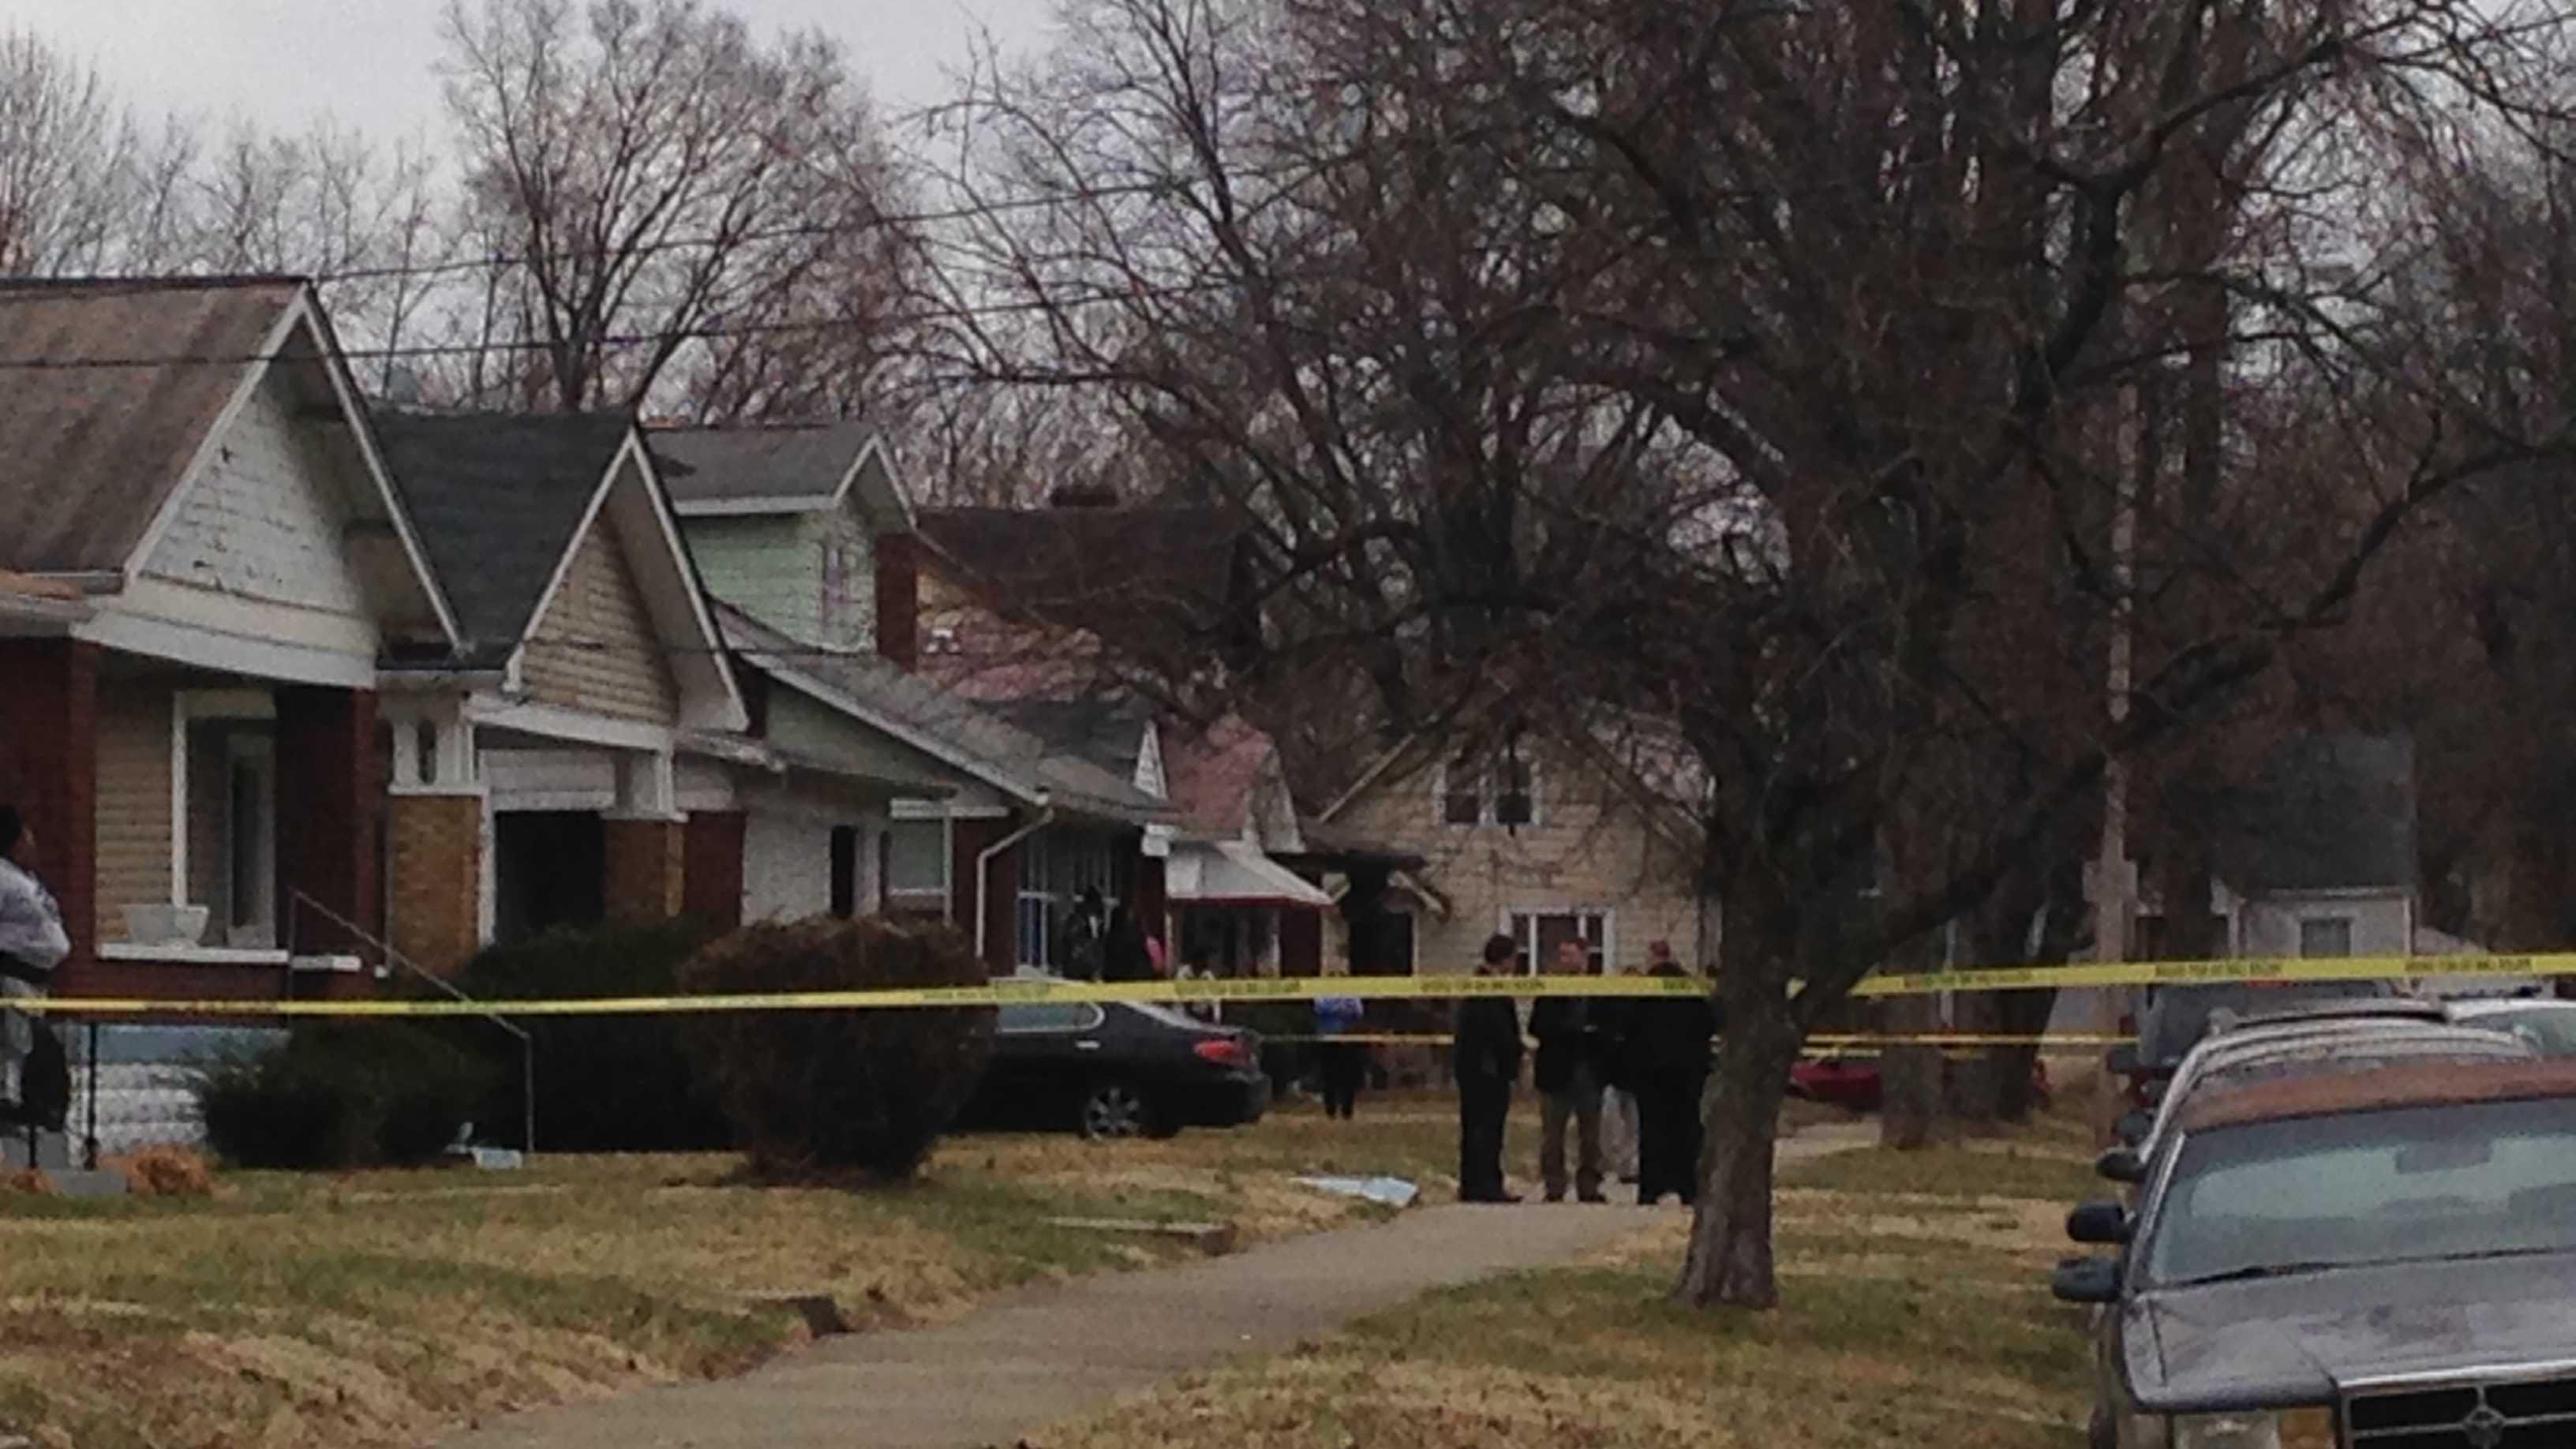 West Louisville bodies found